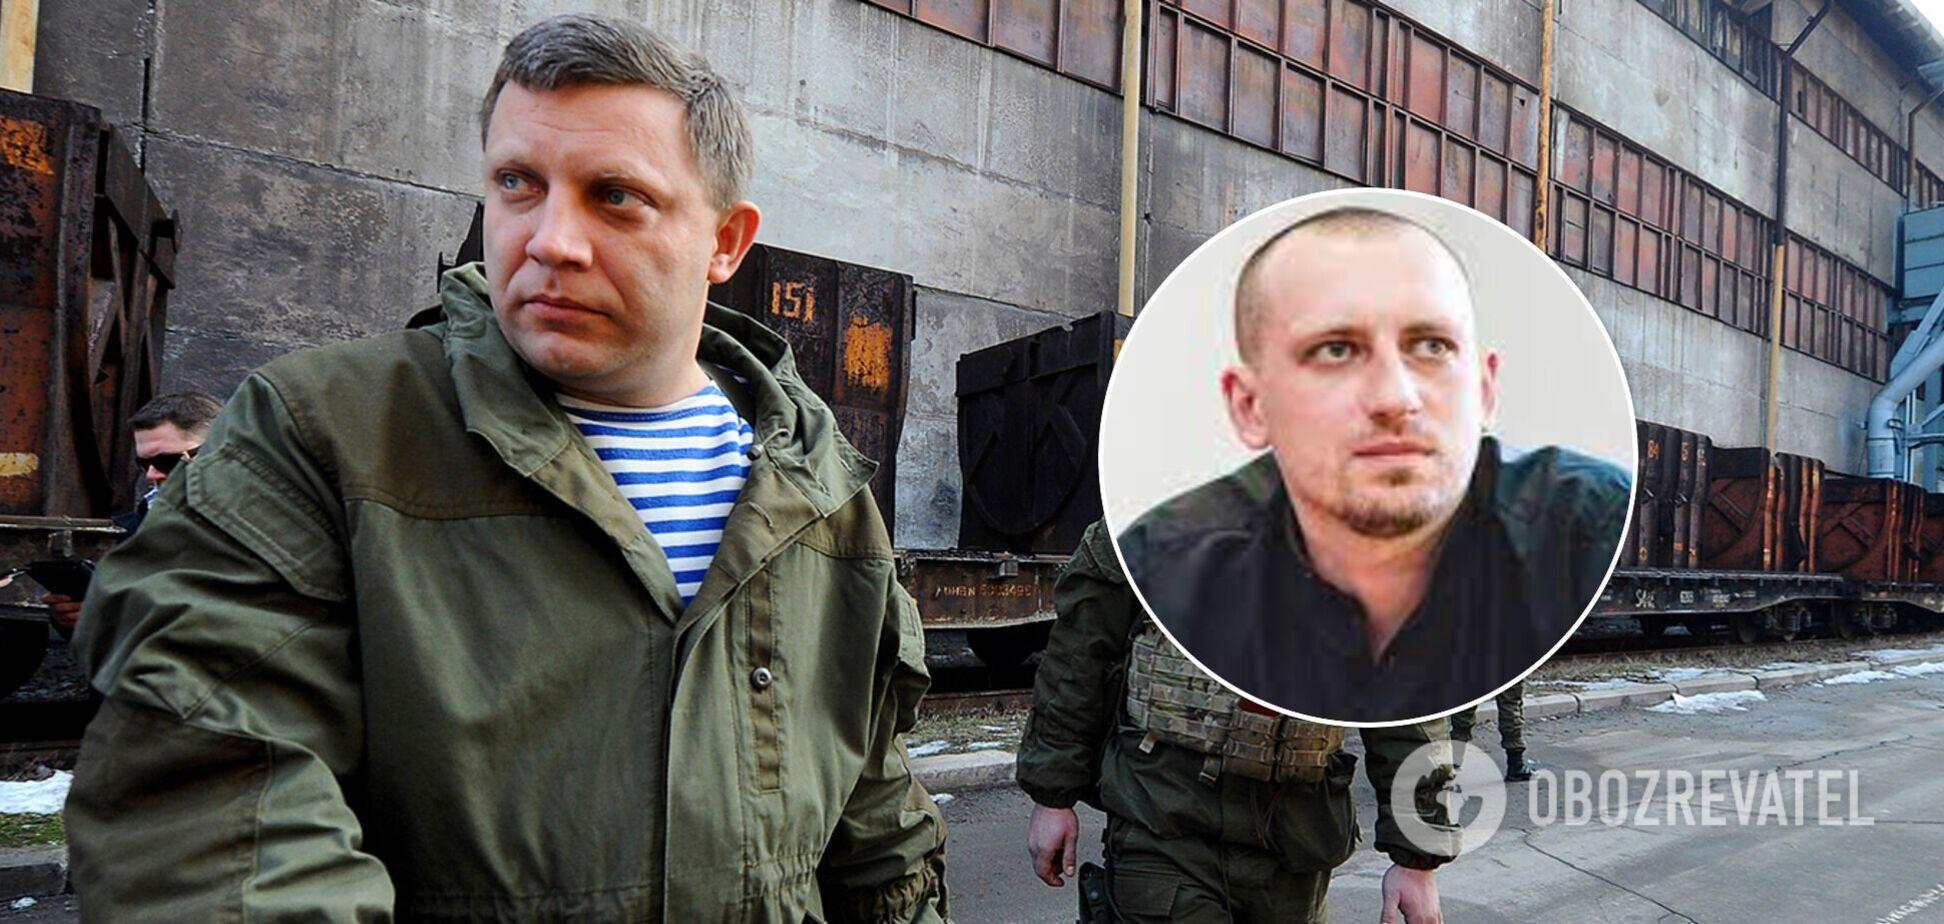 Терорист 'ДНР' зізнався, як Захарченко відчував ейфорію під час побиття прихильників України. Відео